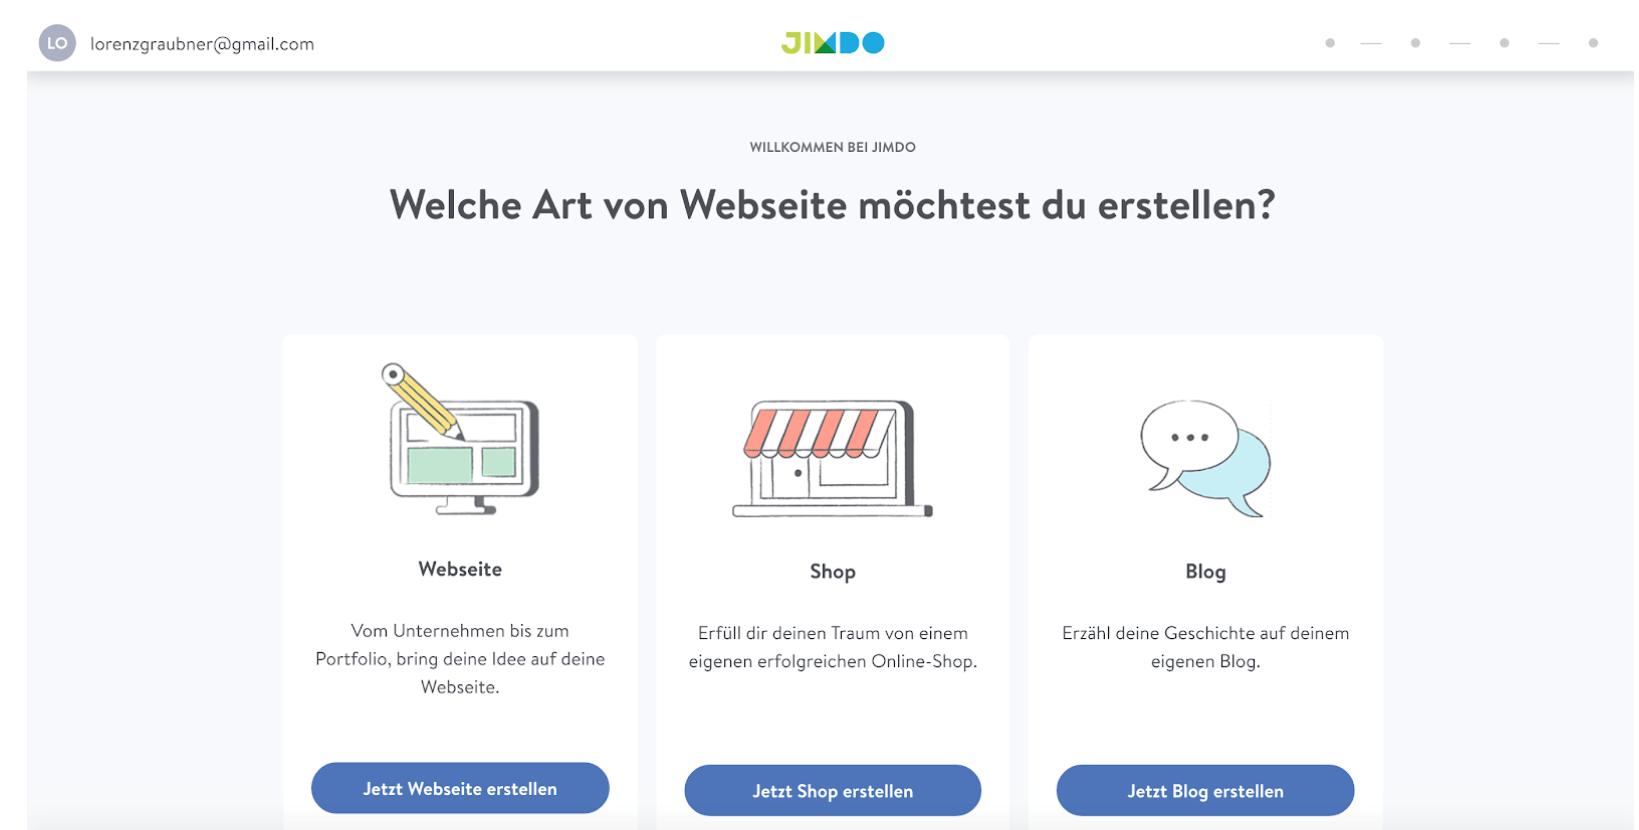 Eigene Homepage Erstellen 2019 Der Ultimative Guide Für Anfänger